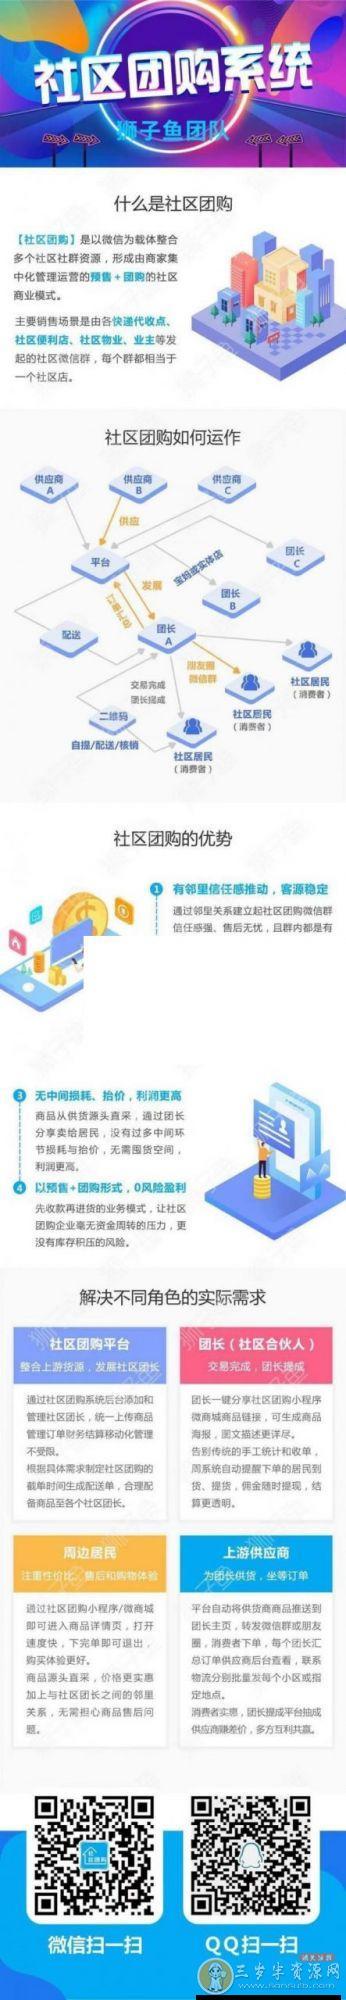 最新独立版狮子鱼V11.5.0社区团购小程序完整安装包附使用教程